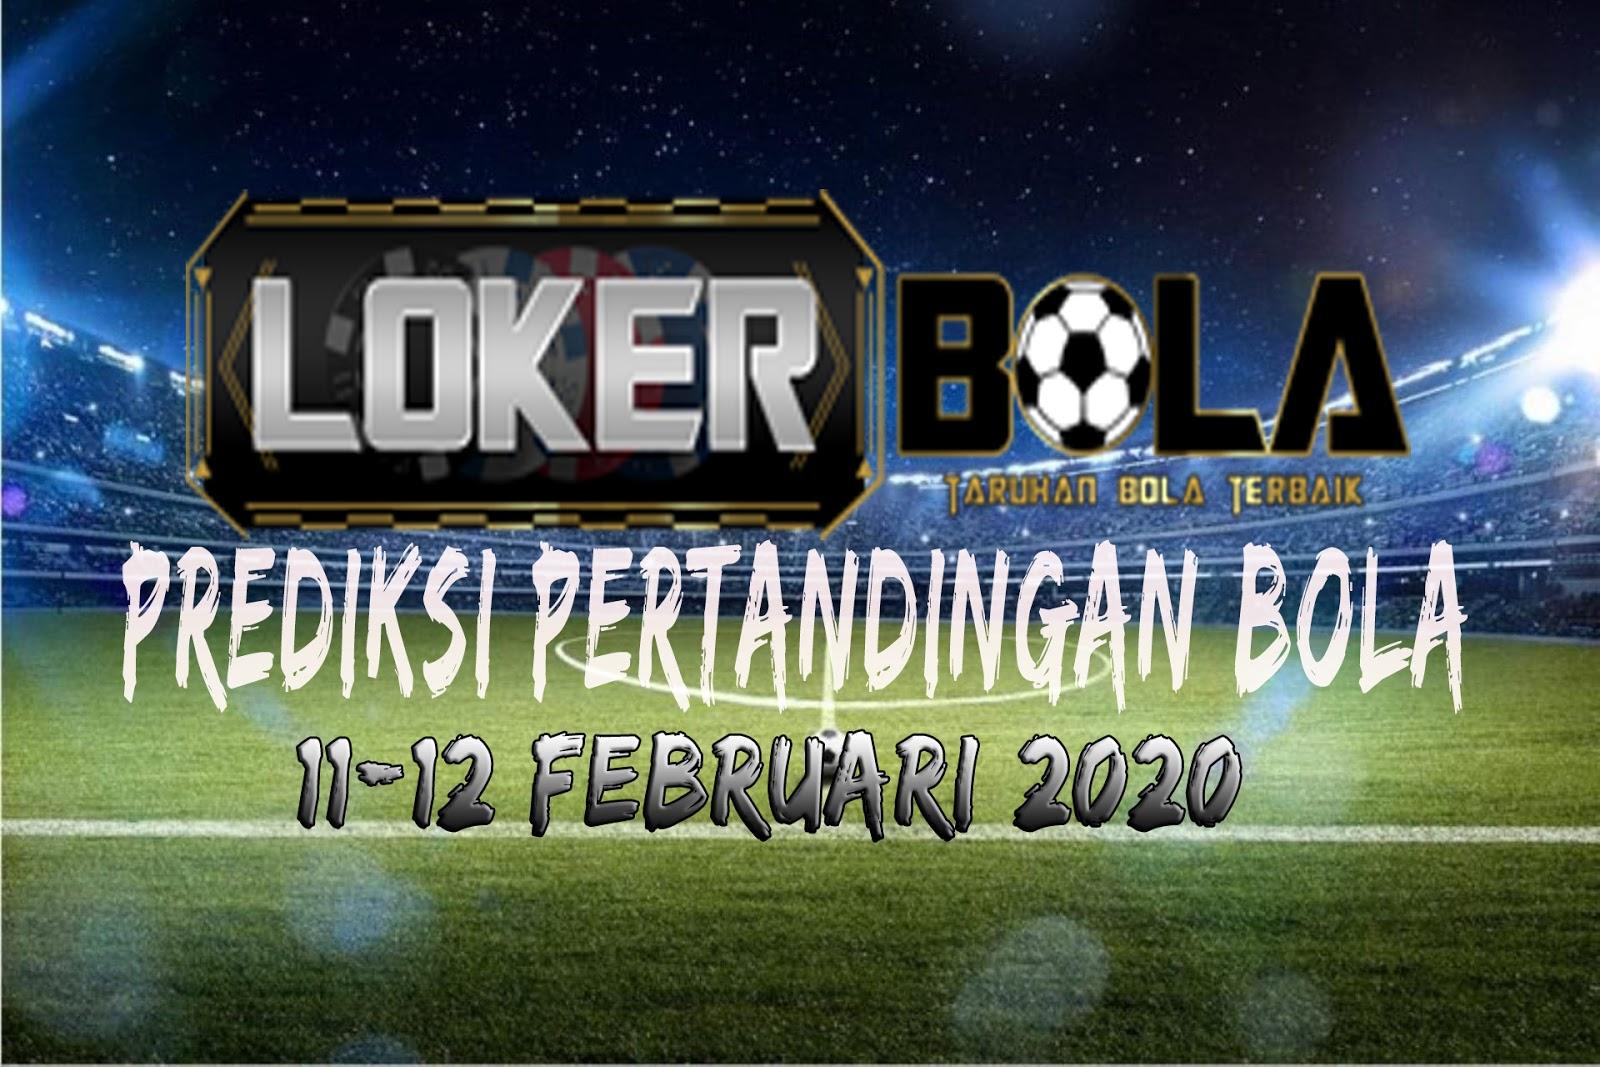 PREDIKSI PERTANDINGAN BOLA 11-12 FEBRUARI 2020